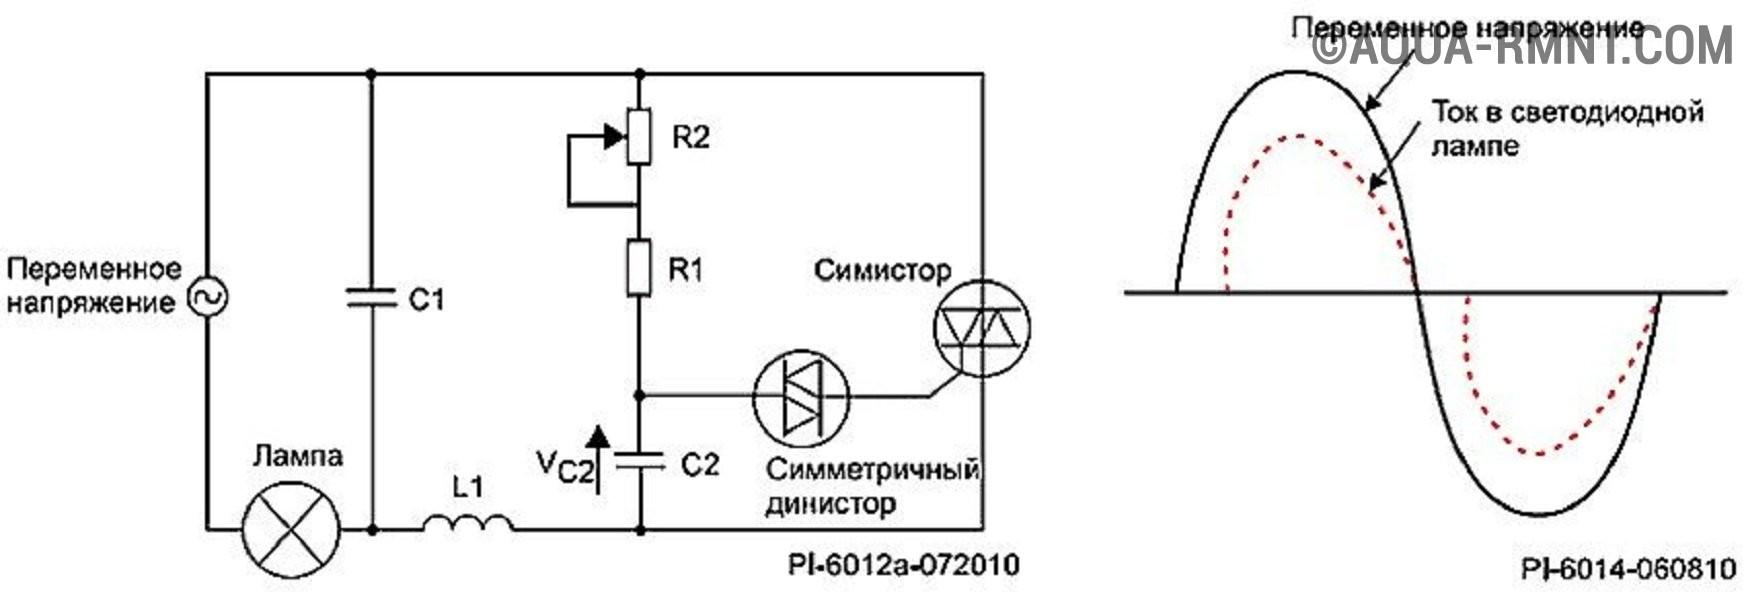 Как подключить выключатель с регулятором яркости